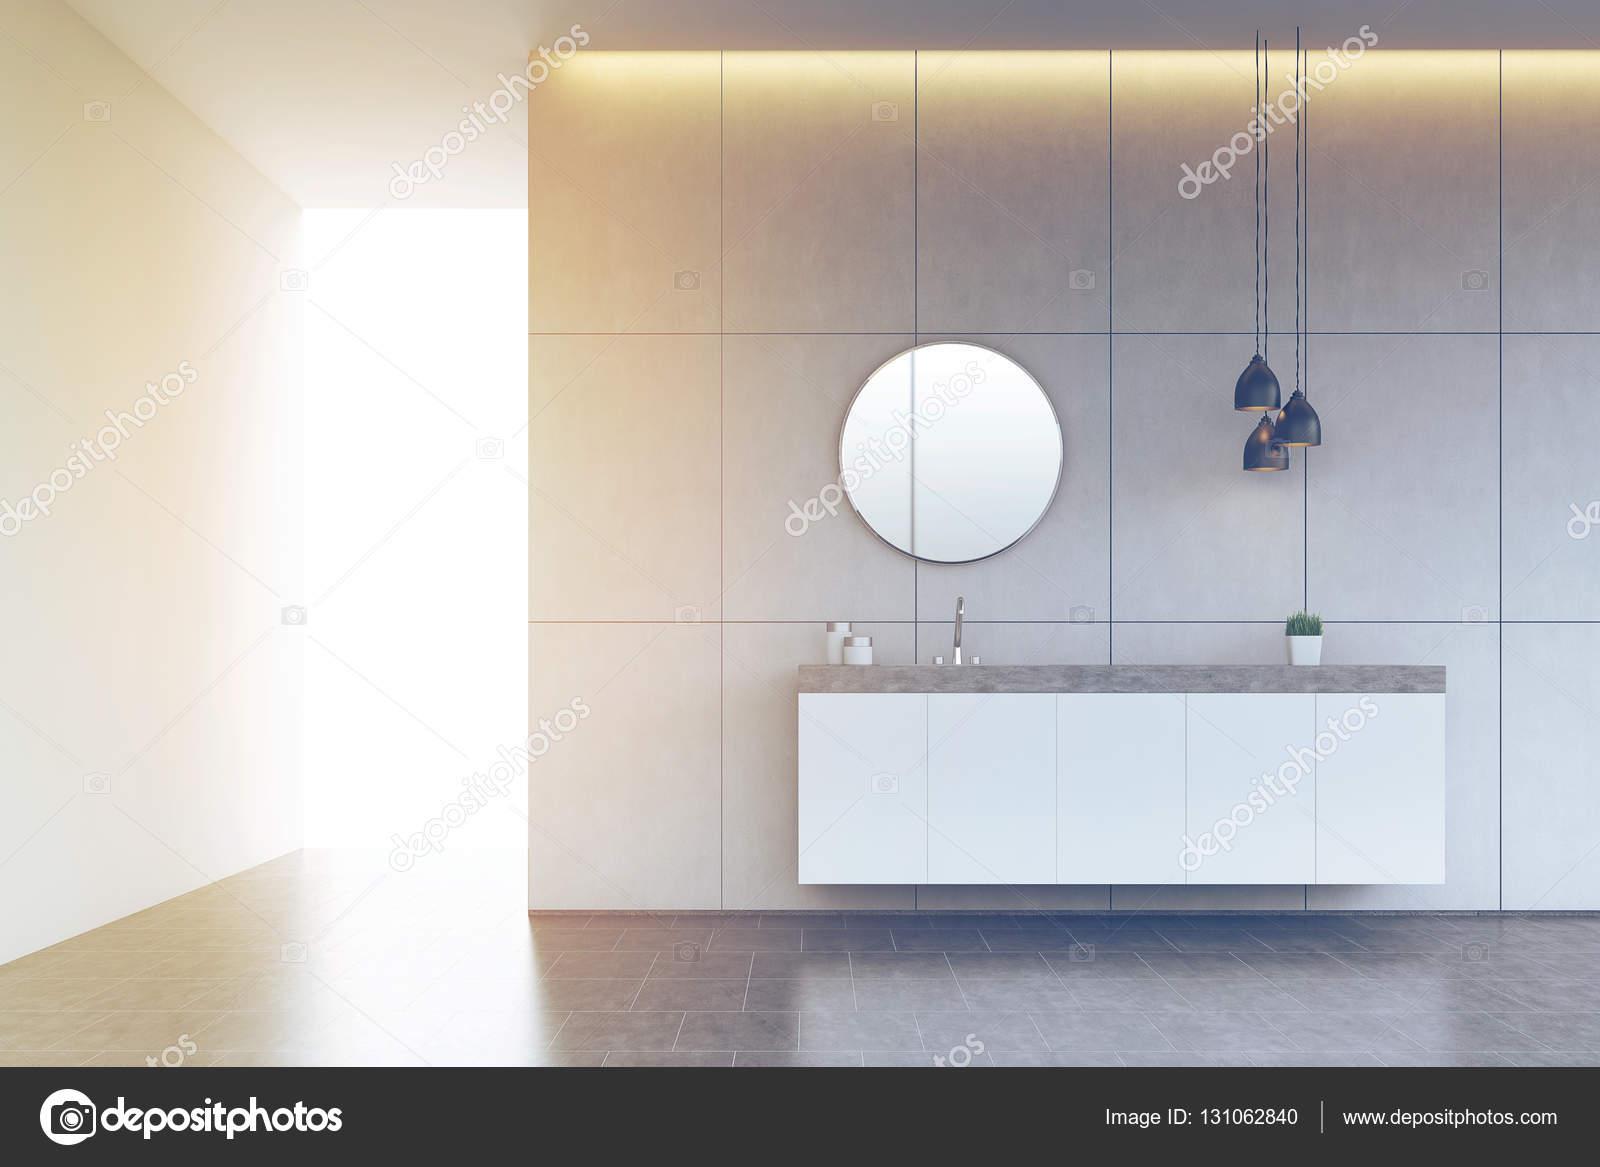 Lavandino del bagno con lo specchio rotondo su parete piastrellata